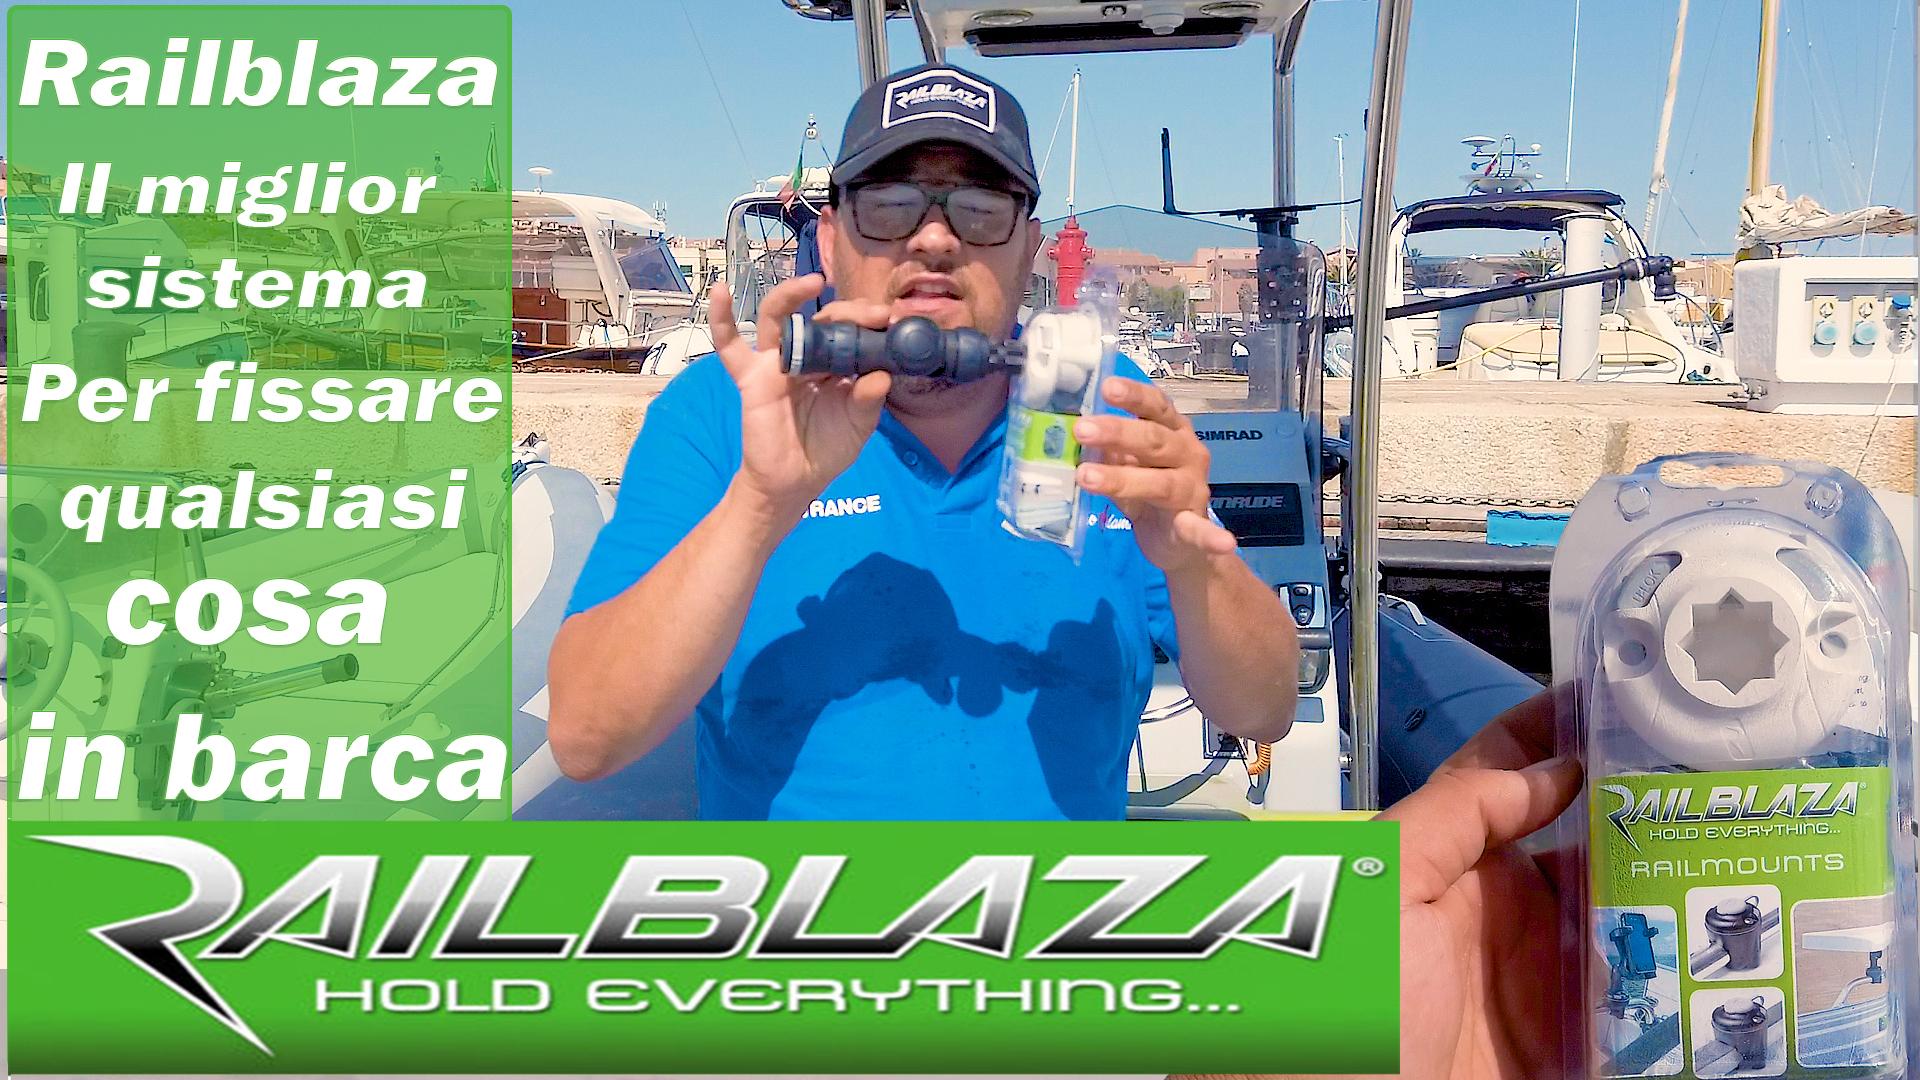 railblaza_hold everything